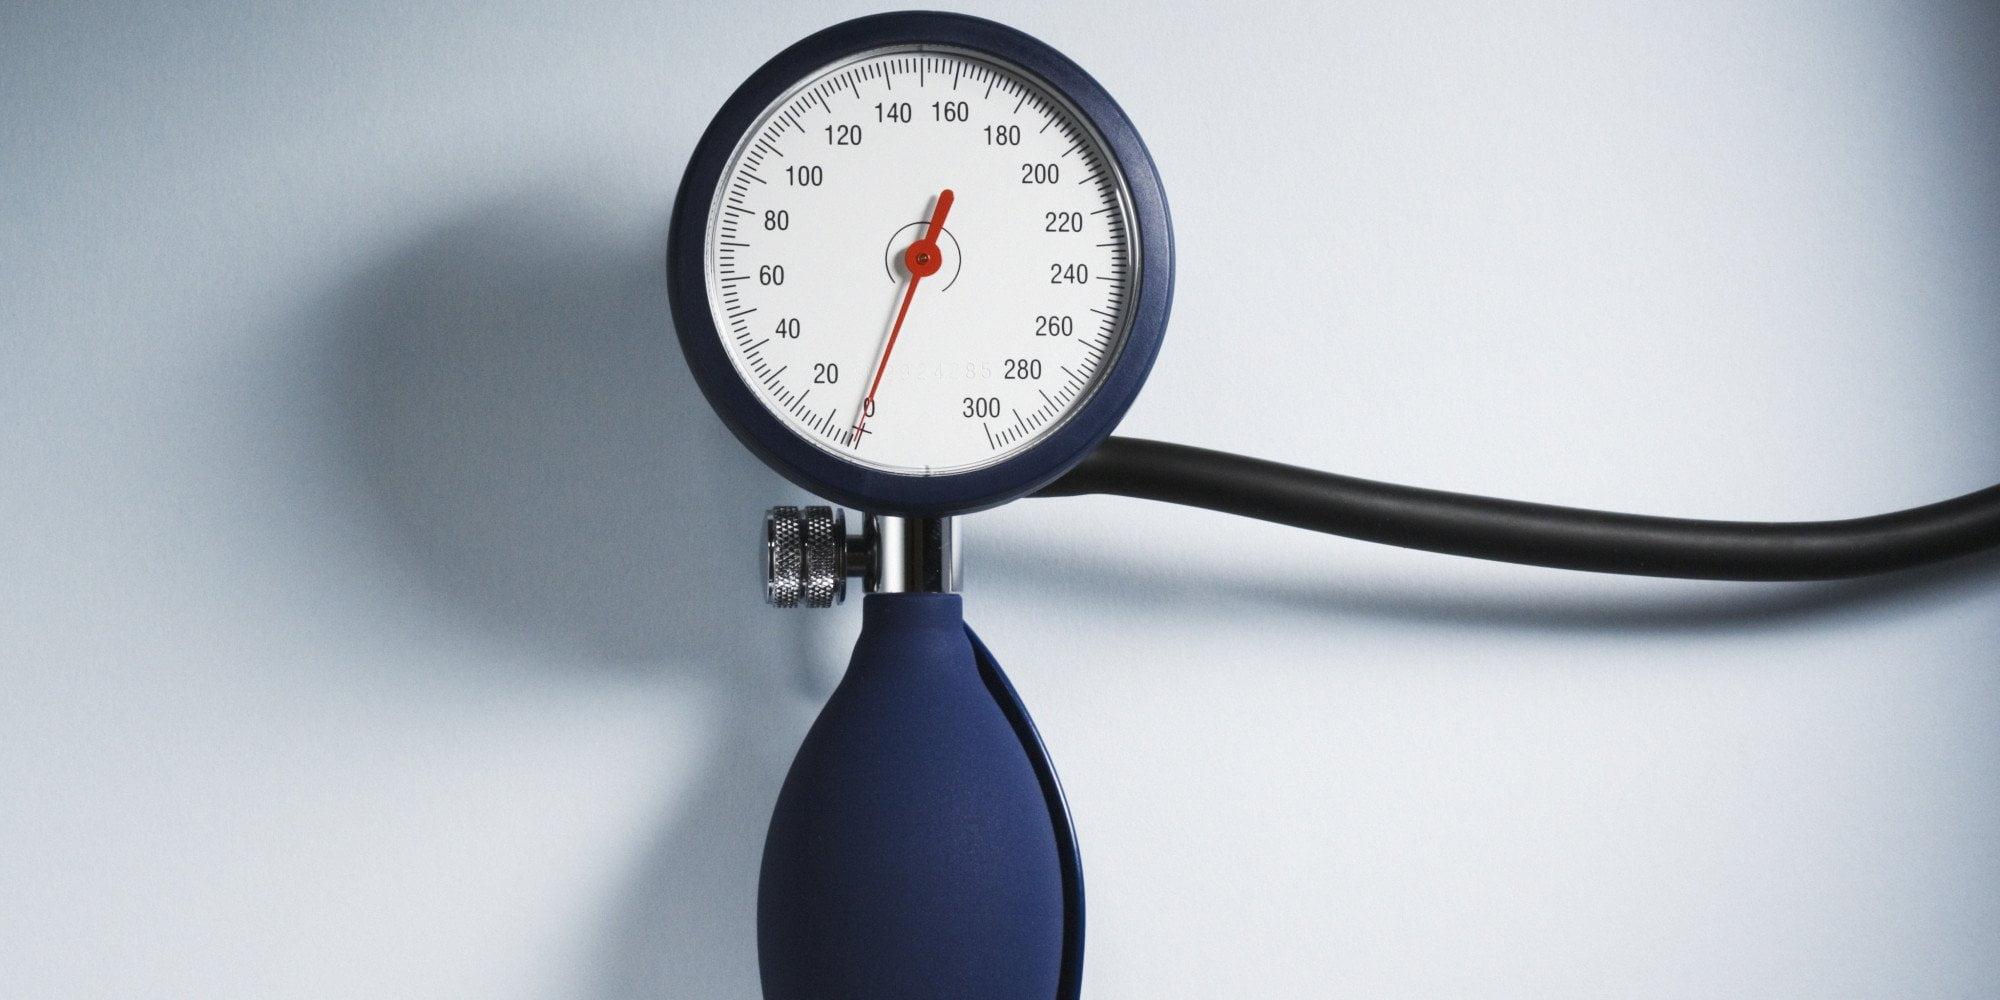 Az alacsony vérnyomás - Pannondoktor.hu